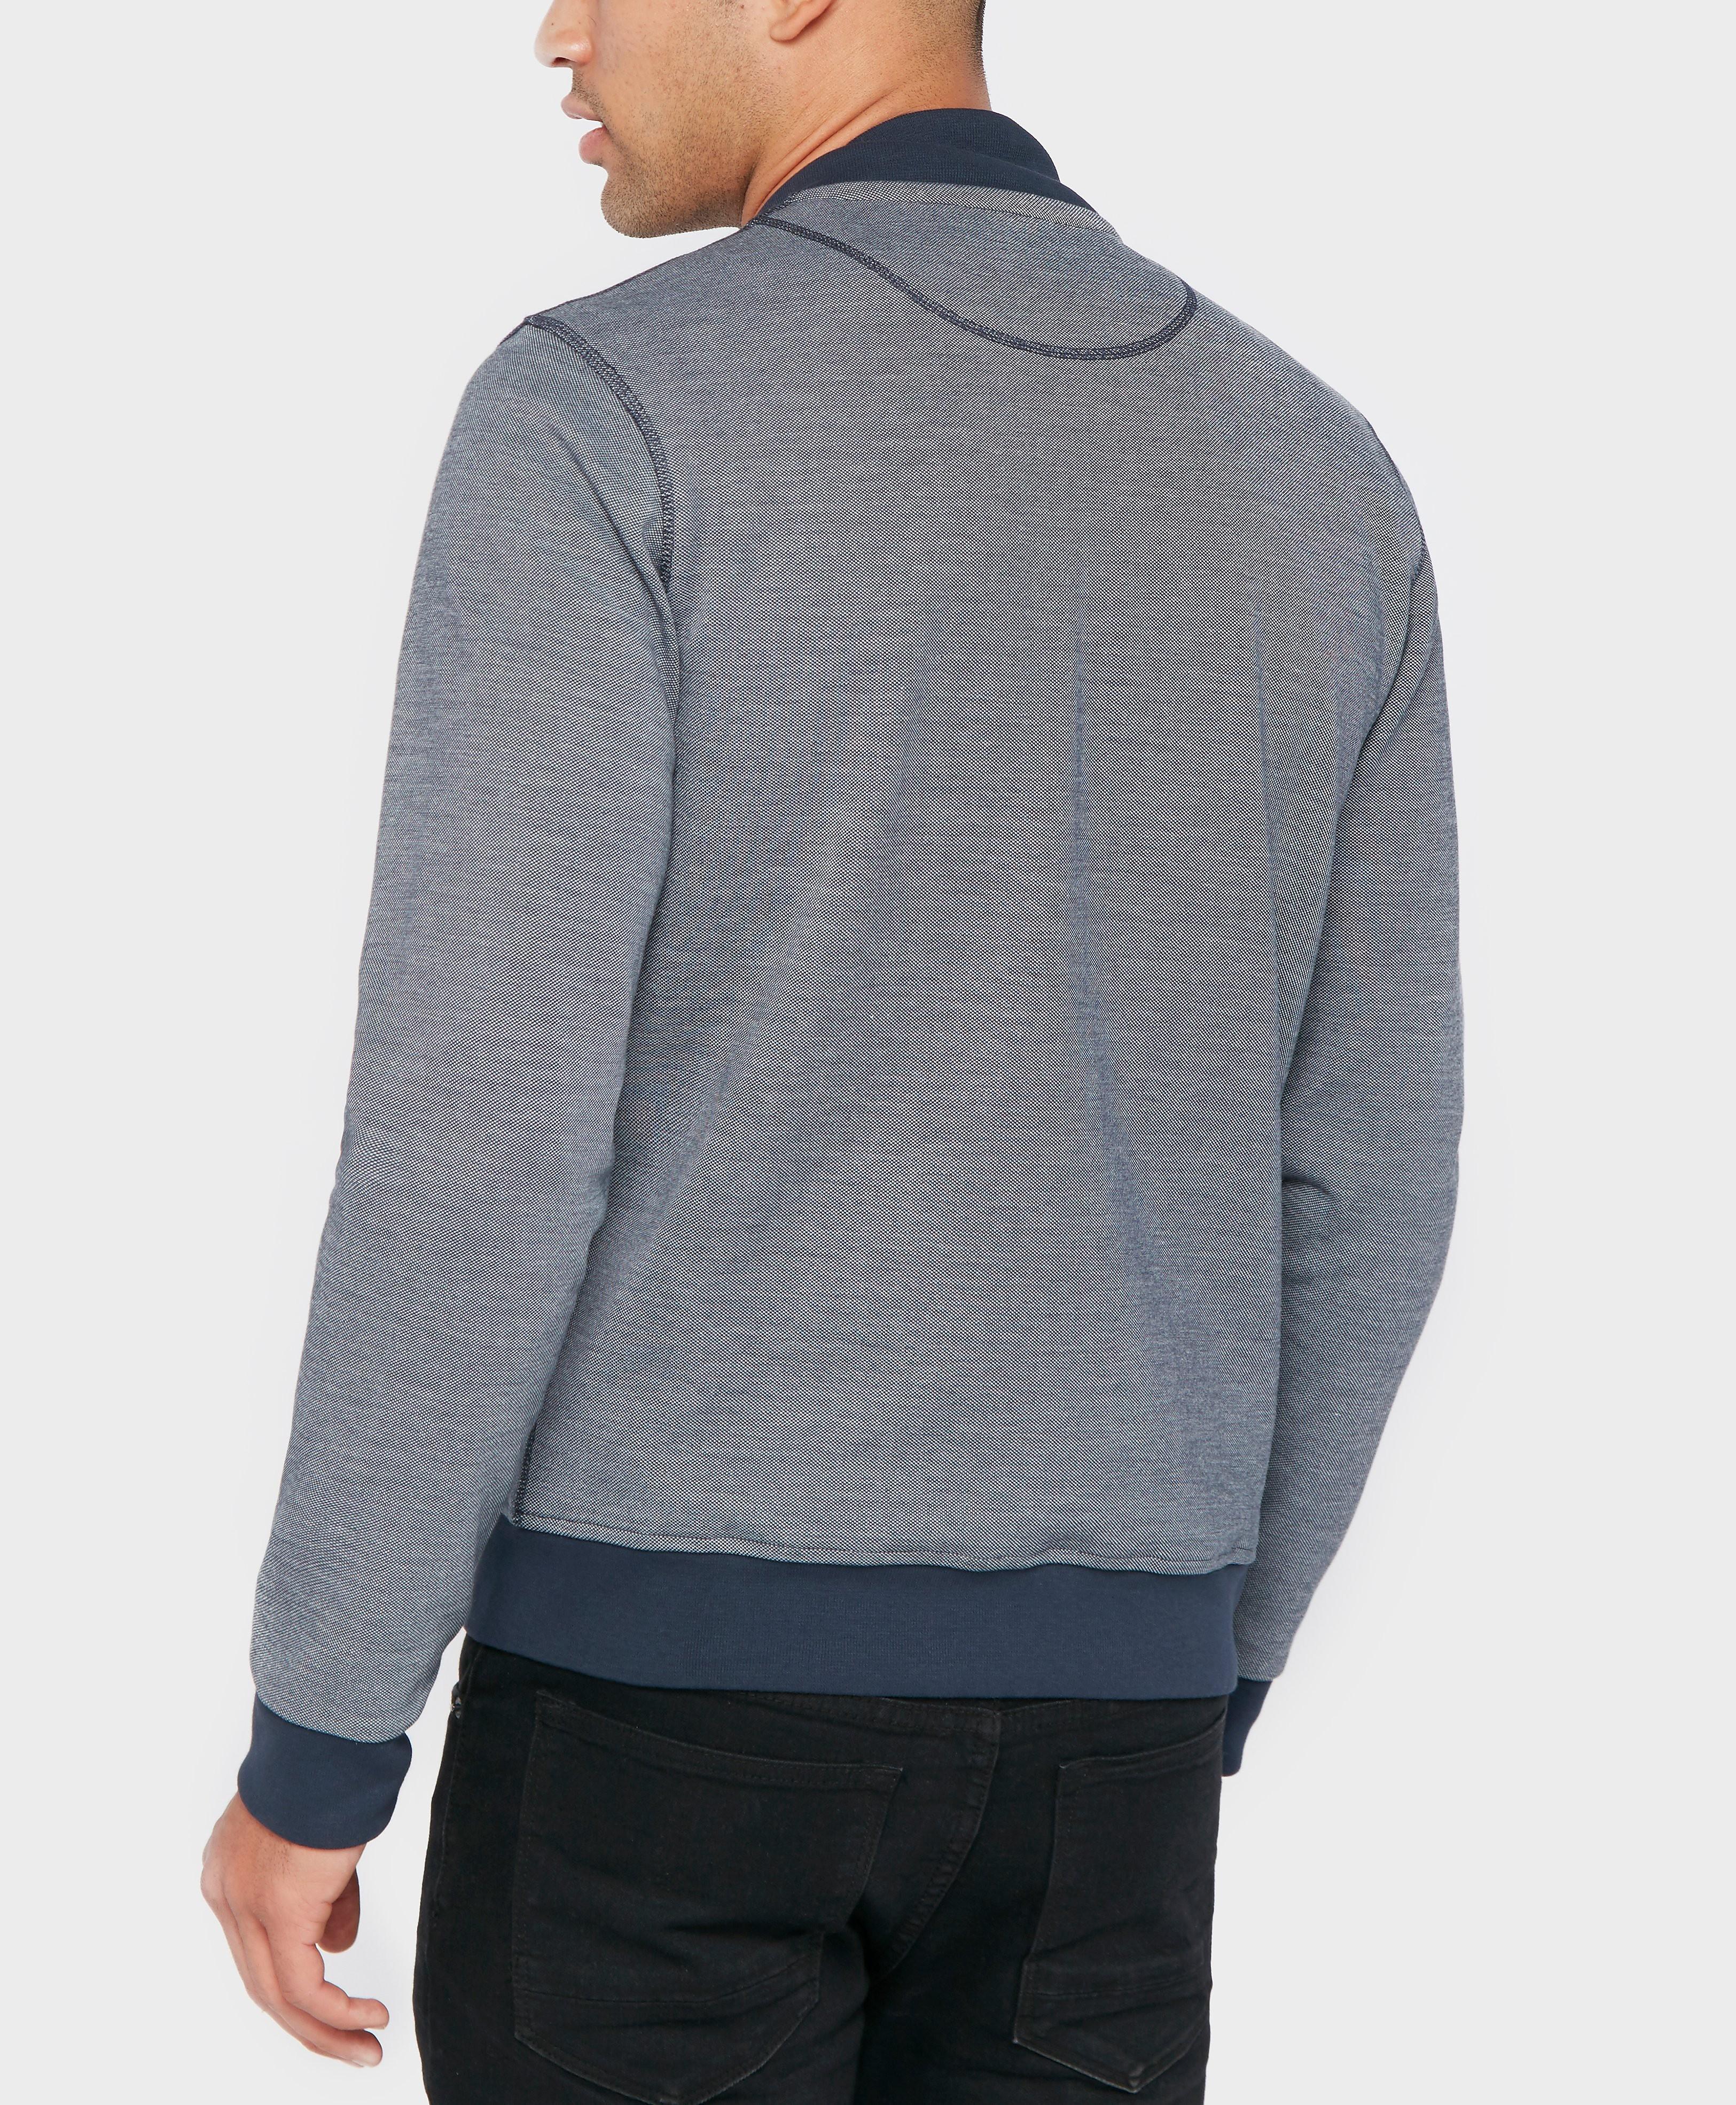 Aquascutum Kris Pique Jacket